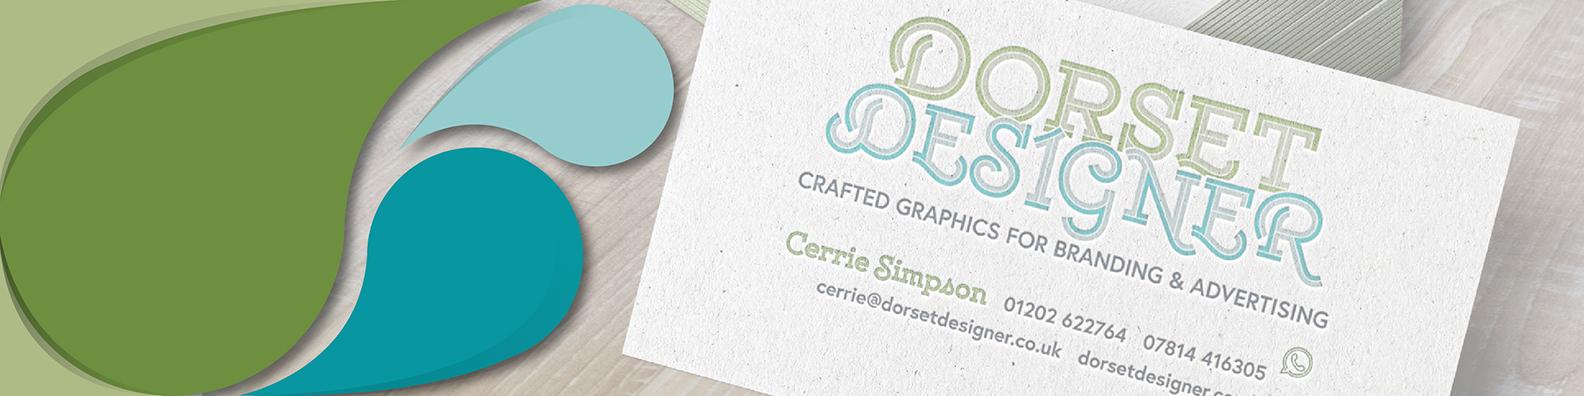 graphic designer dorset